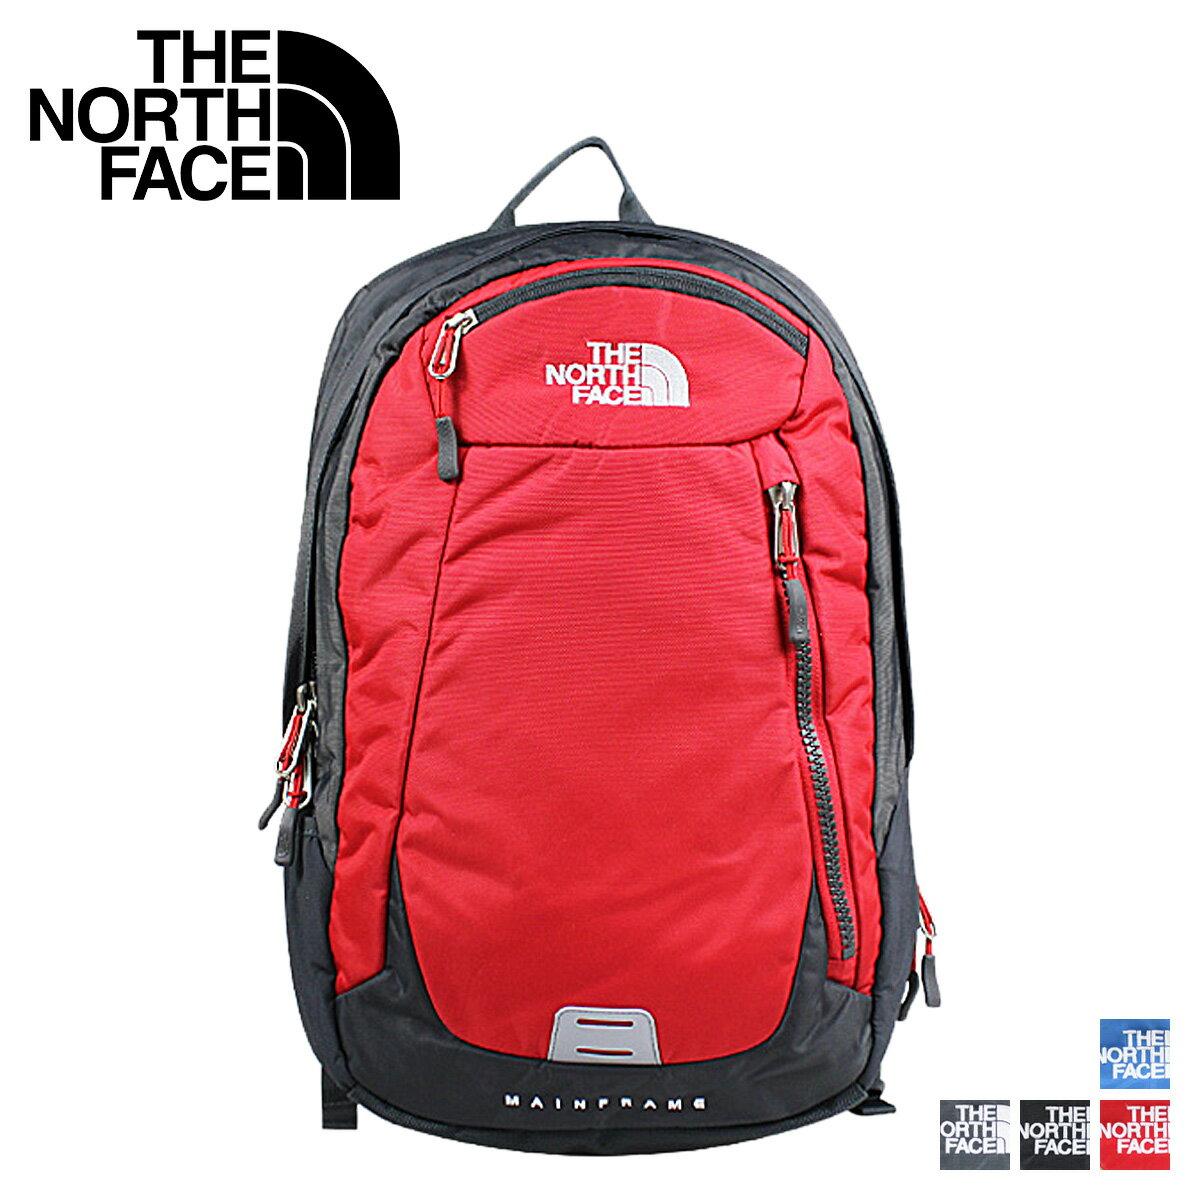 comprar the north face en vietnam